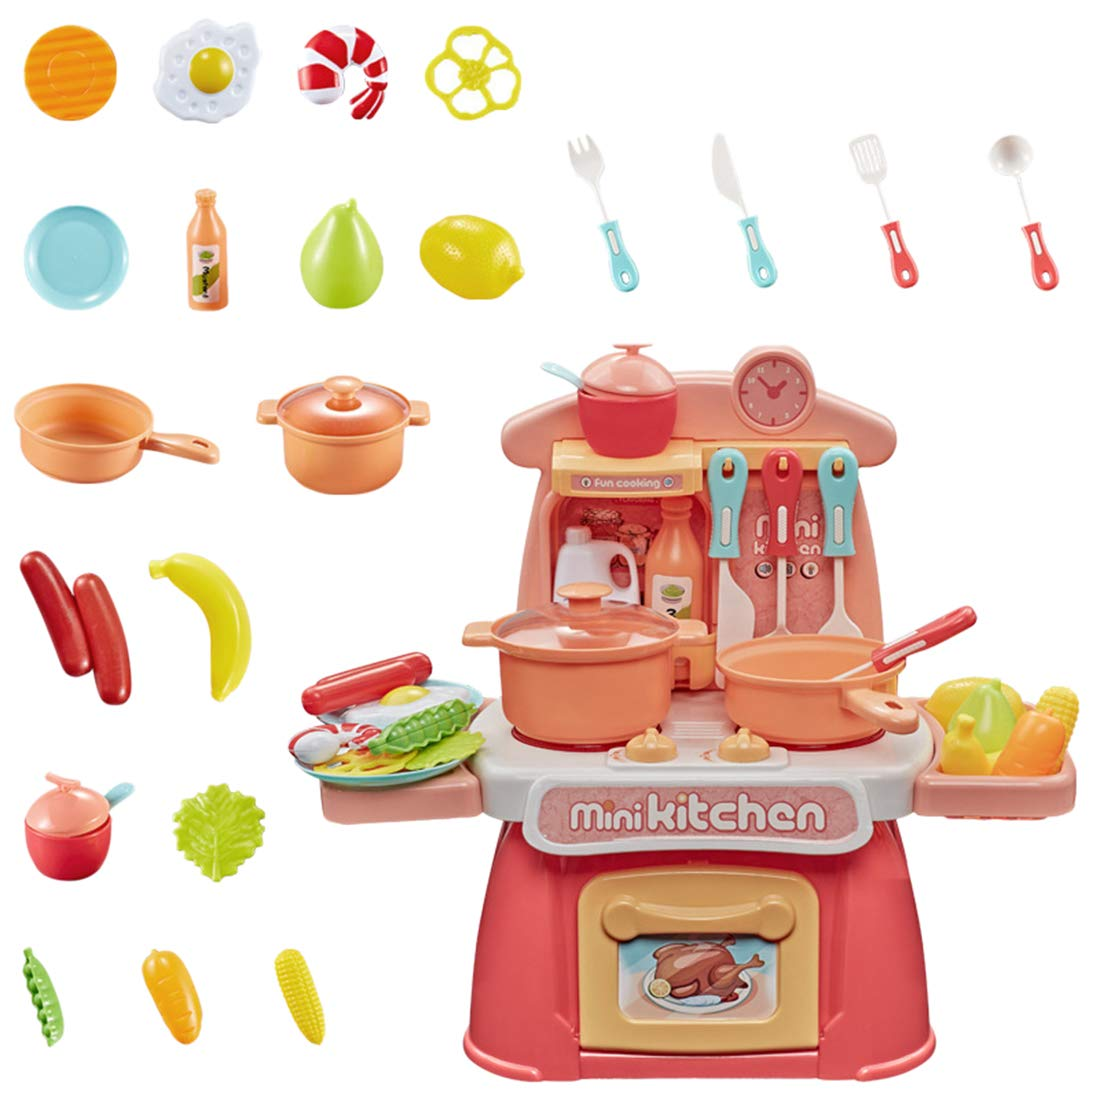 26 Piezas Divertido Set de cocinitas de Juguetes Completo Tosbess Cocina Infantil y Comida de Juguete con Efecto Sonidos Luminoso Ideal Juguetes ni/ños 3 a/ños y m/ás